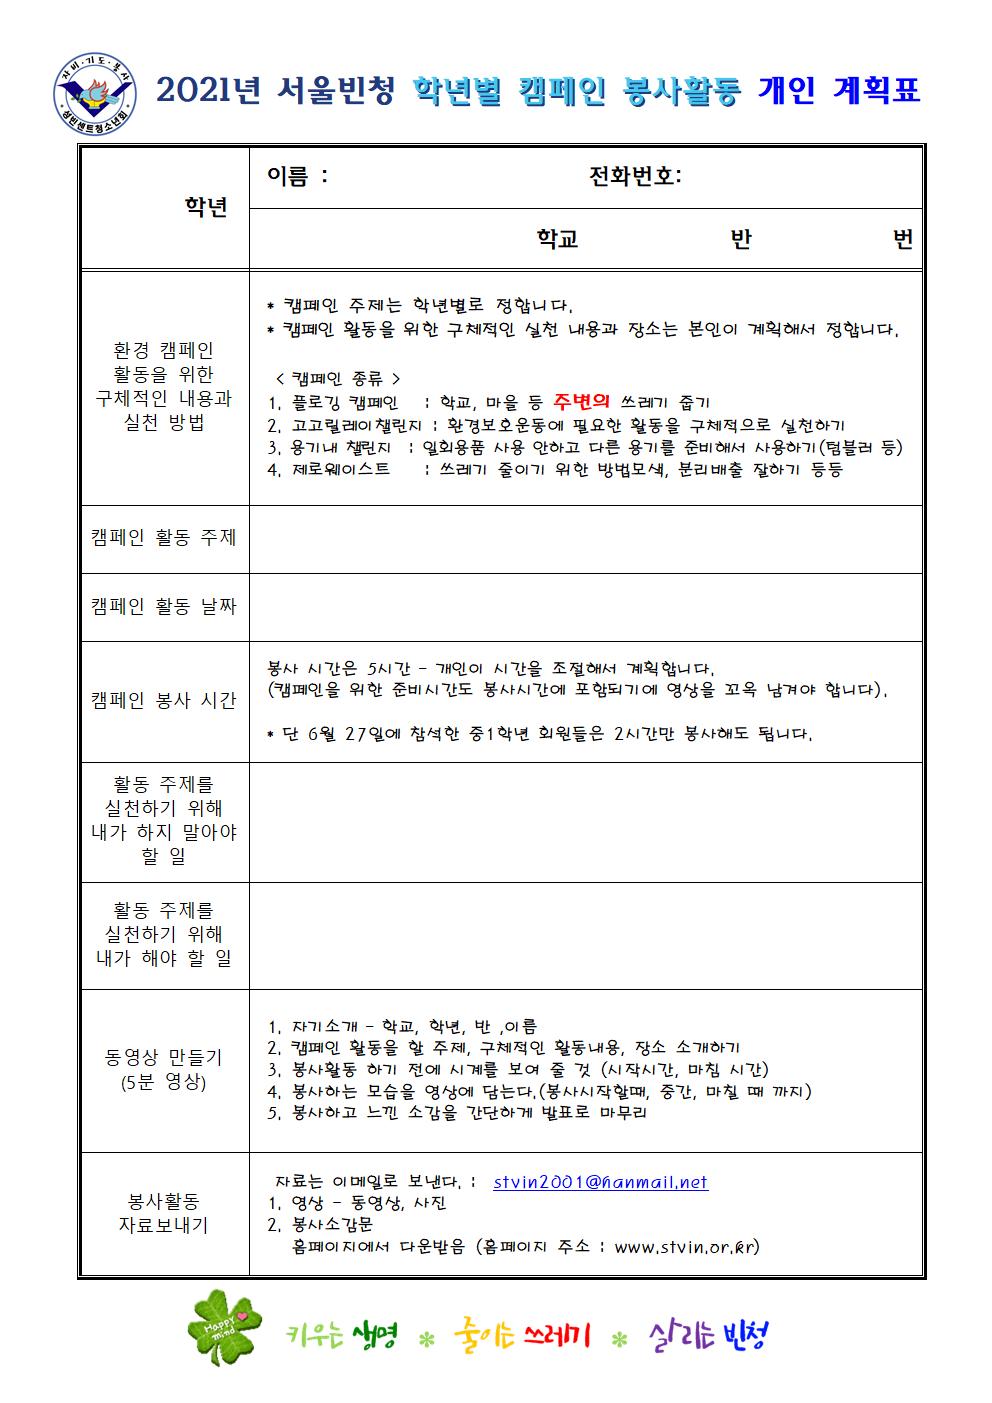 2021년 서울빈청 학년별 캠페인 봉사활동 개인 계획표001.png